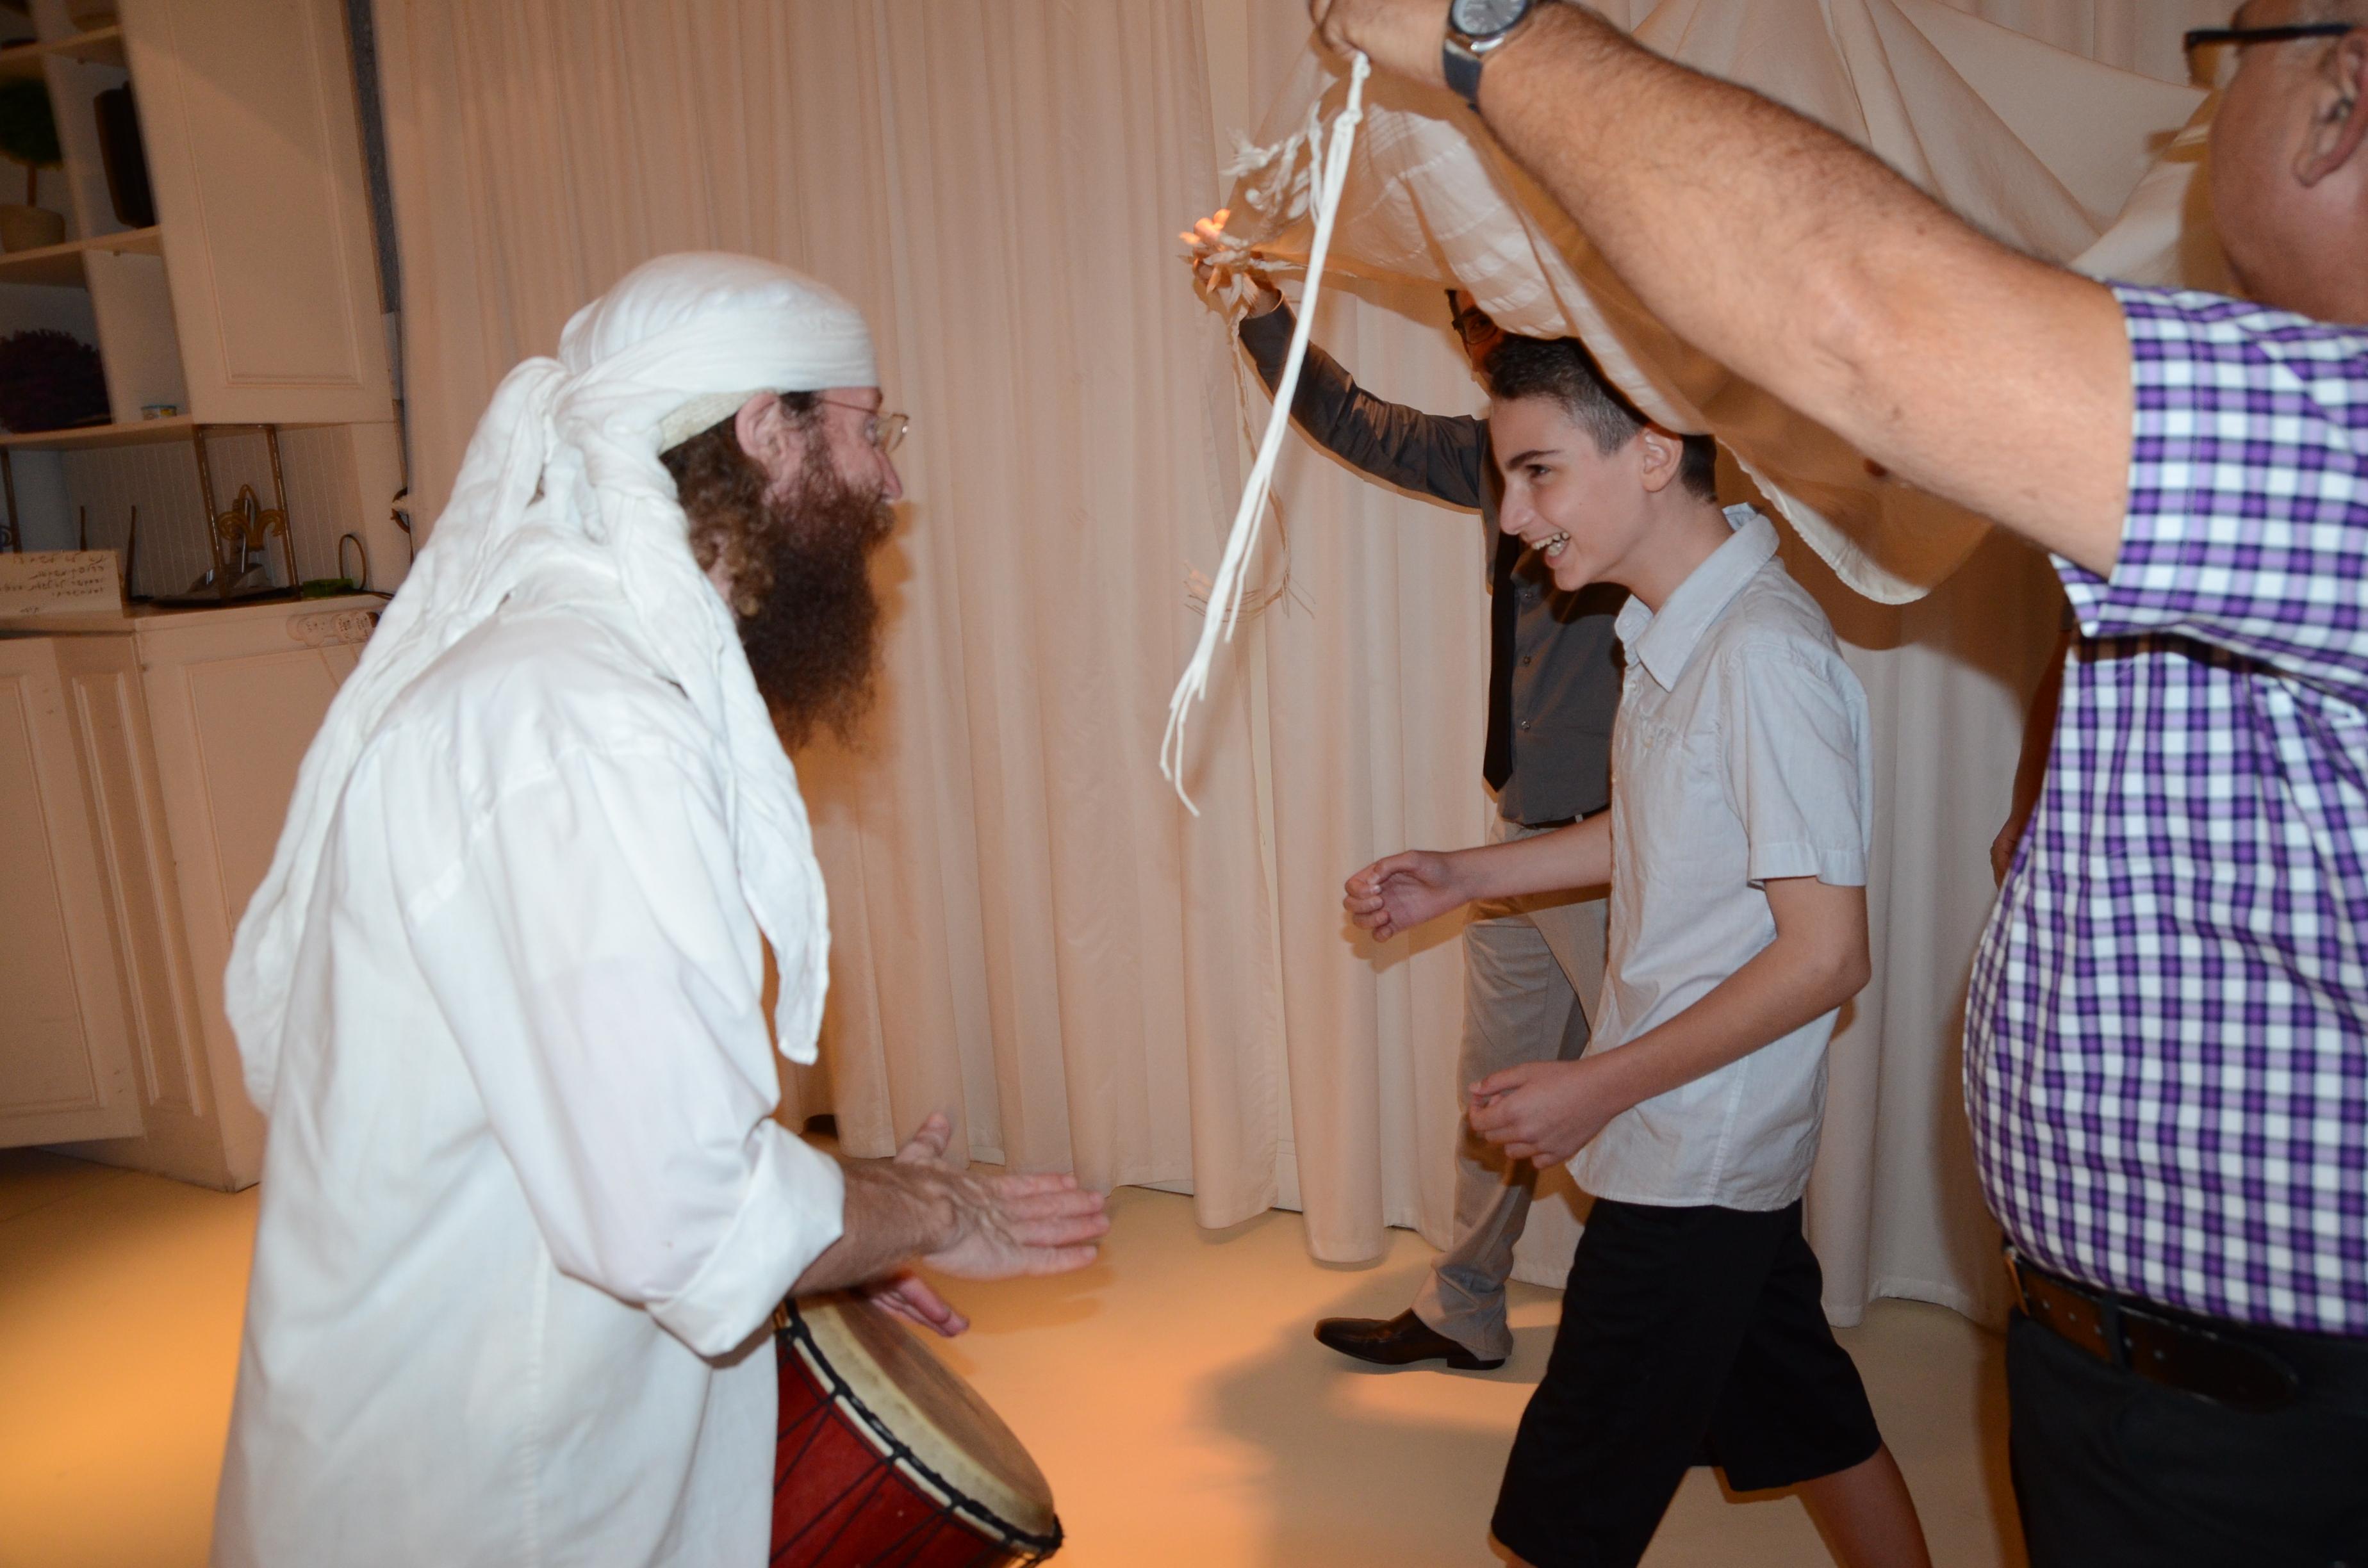 כניסה של הילד לאירוע בר מצווה